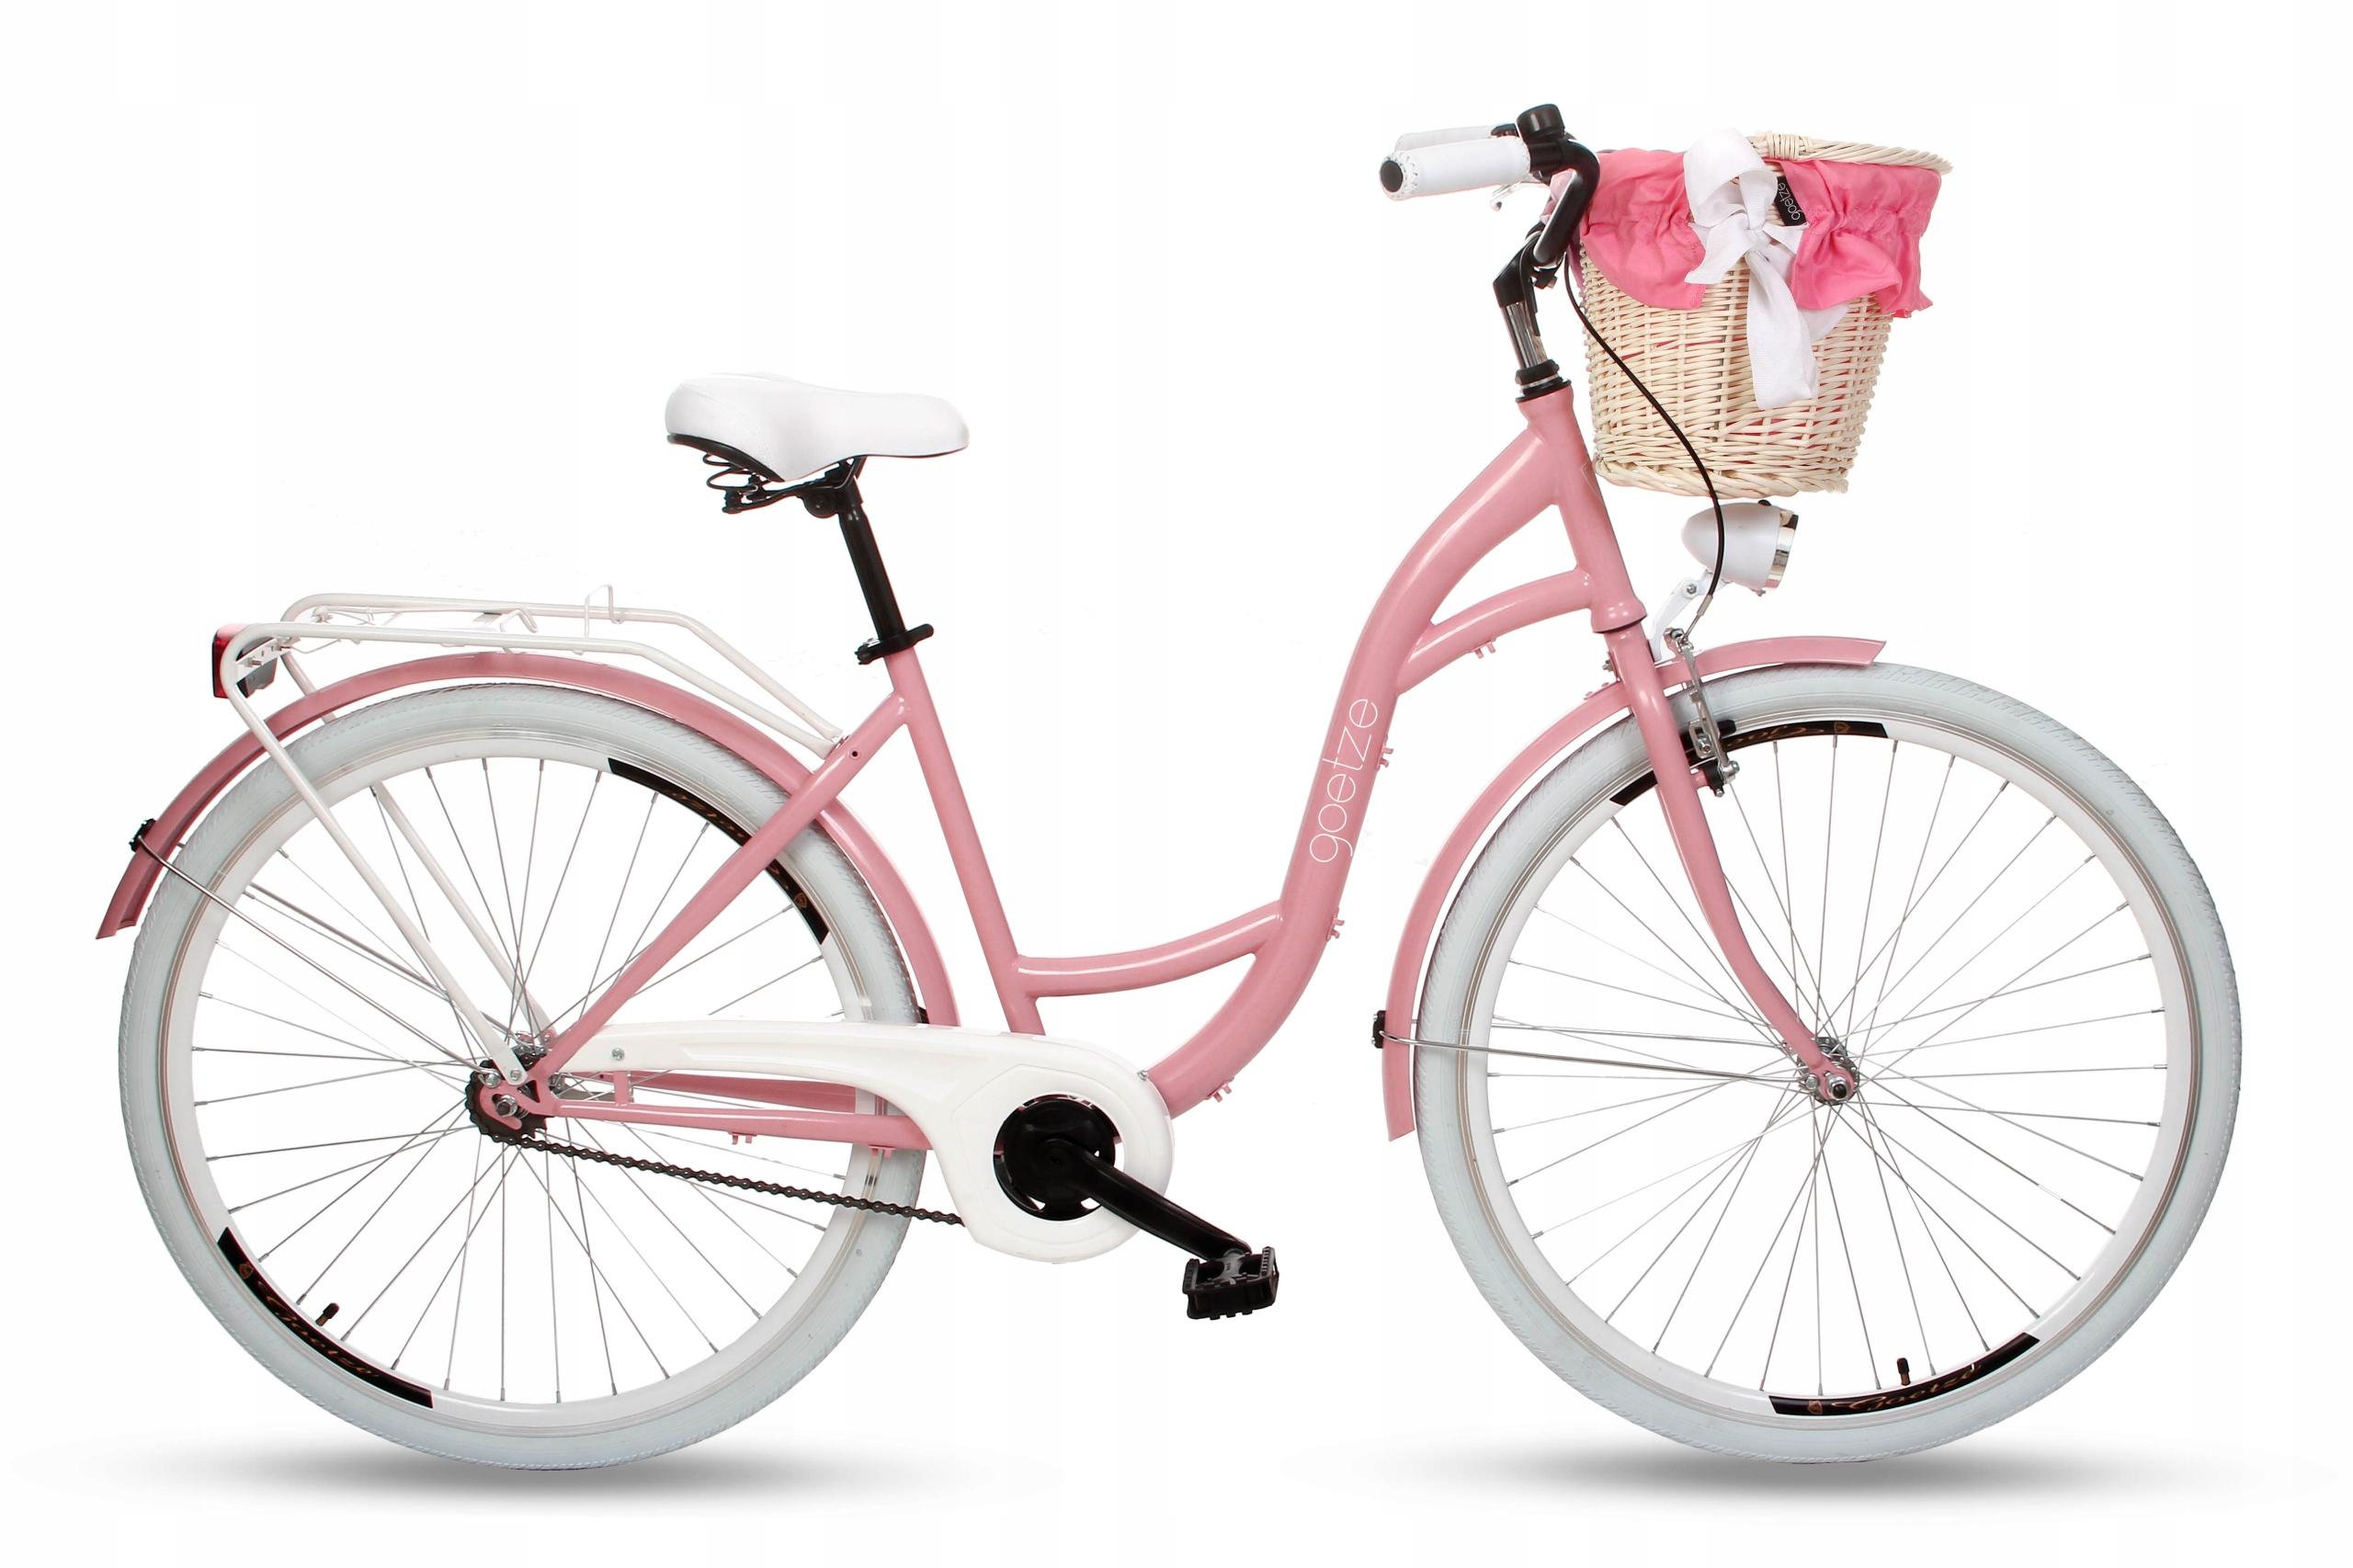 Dámsky mestský bicykel Goetze Style 28 košík !!!  # 4